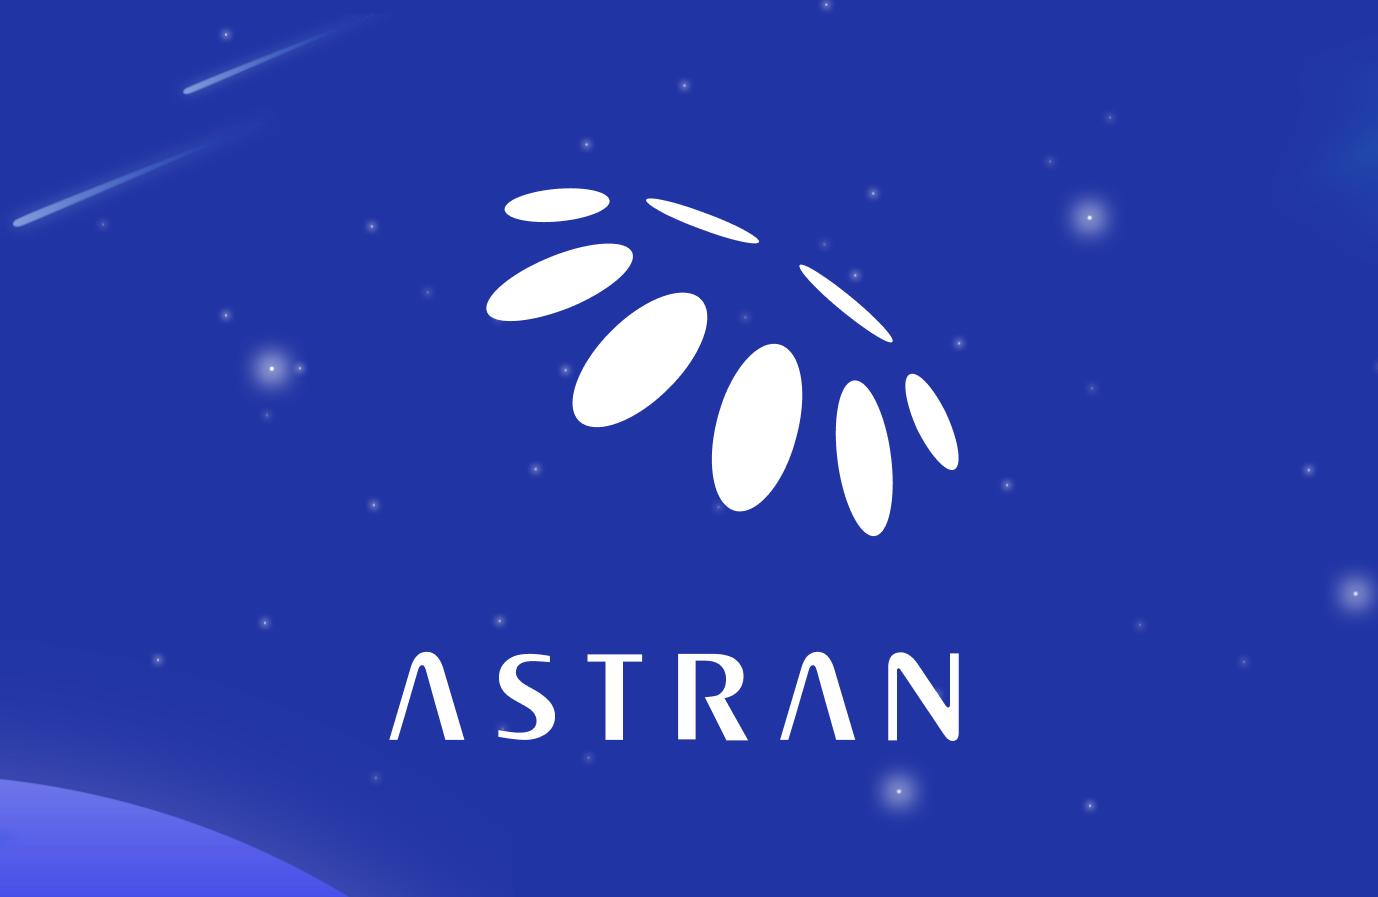 ASTRAN еще один виртуальный оператор связи на базе Tele2 1